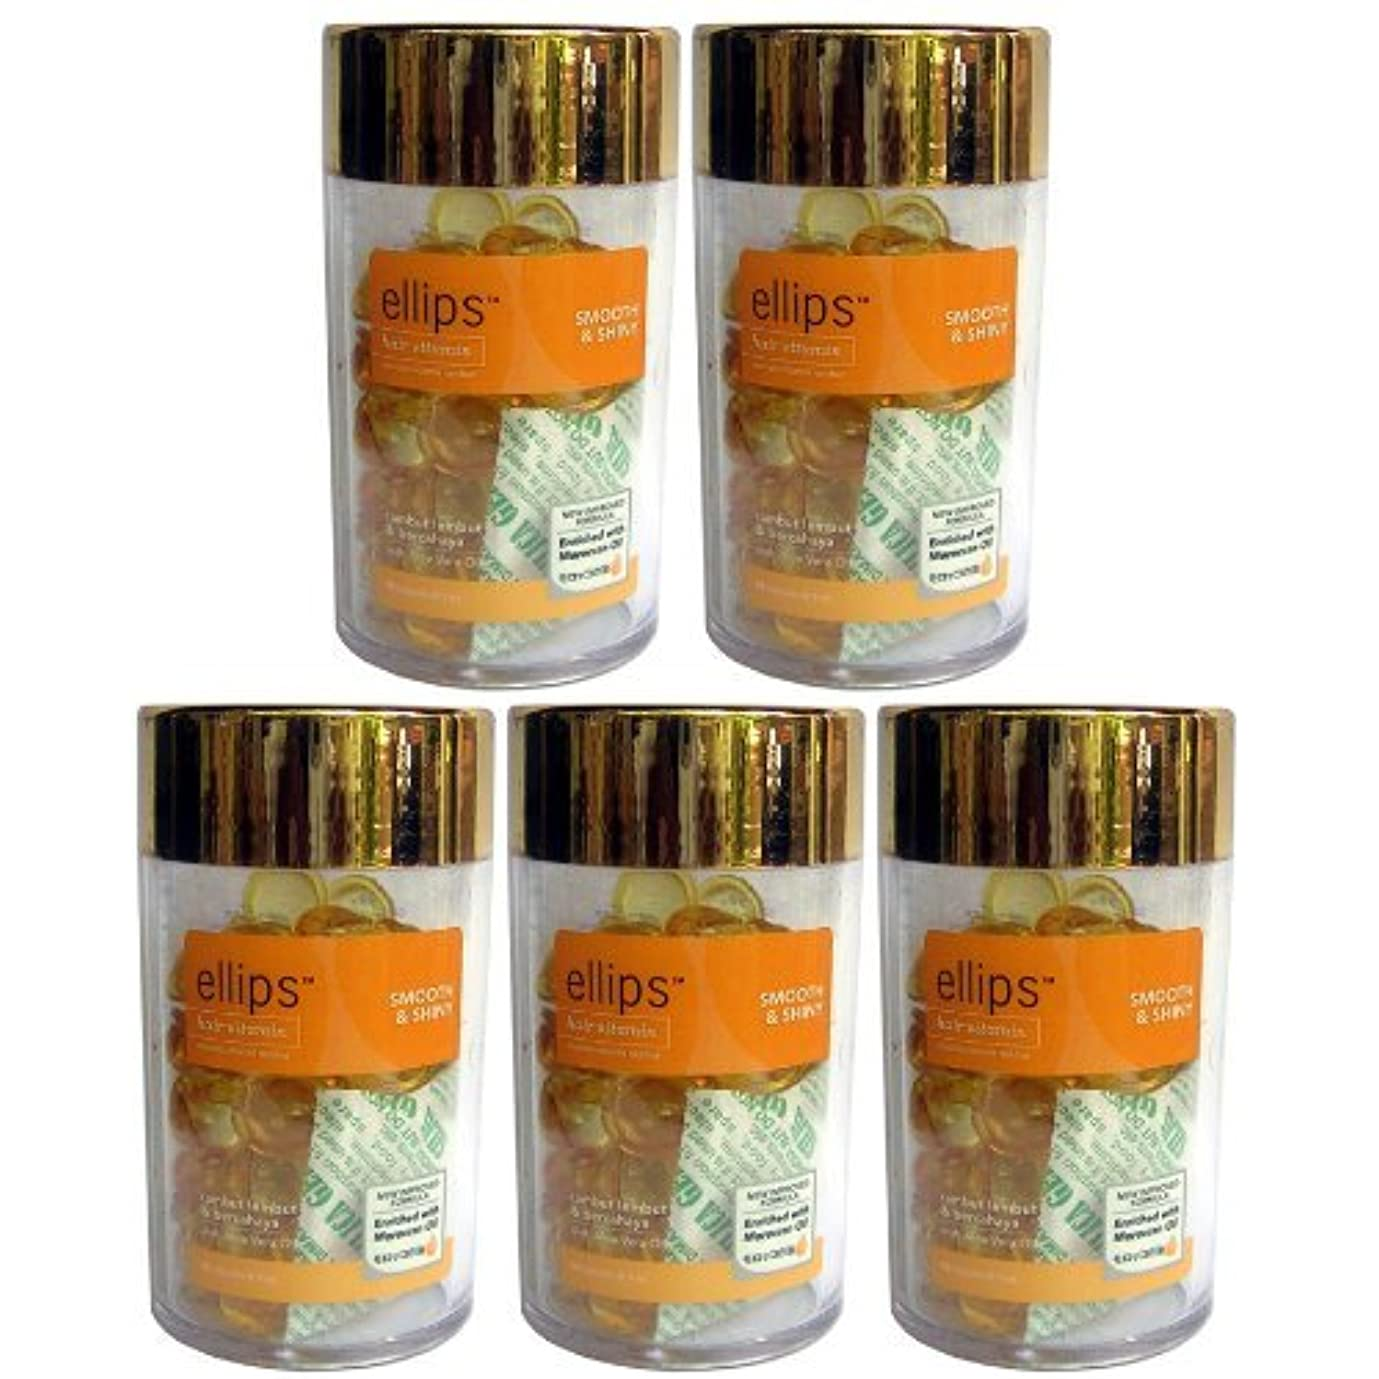 についてリップ病なEllips(エリプス)ヘアビタミン(50粒入)5個セット [並行輸入品][海外直送品] イエロー